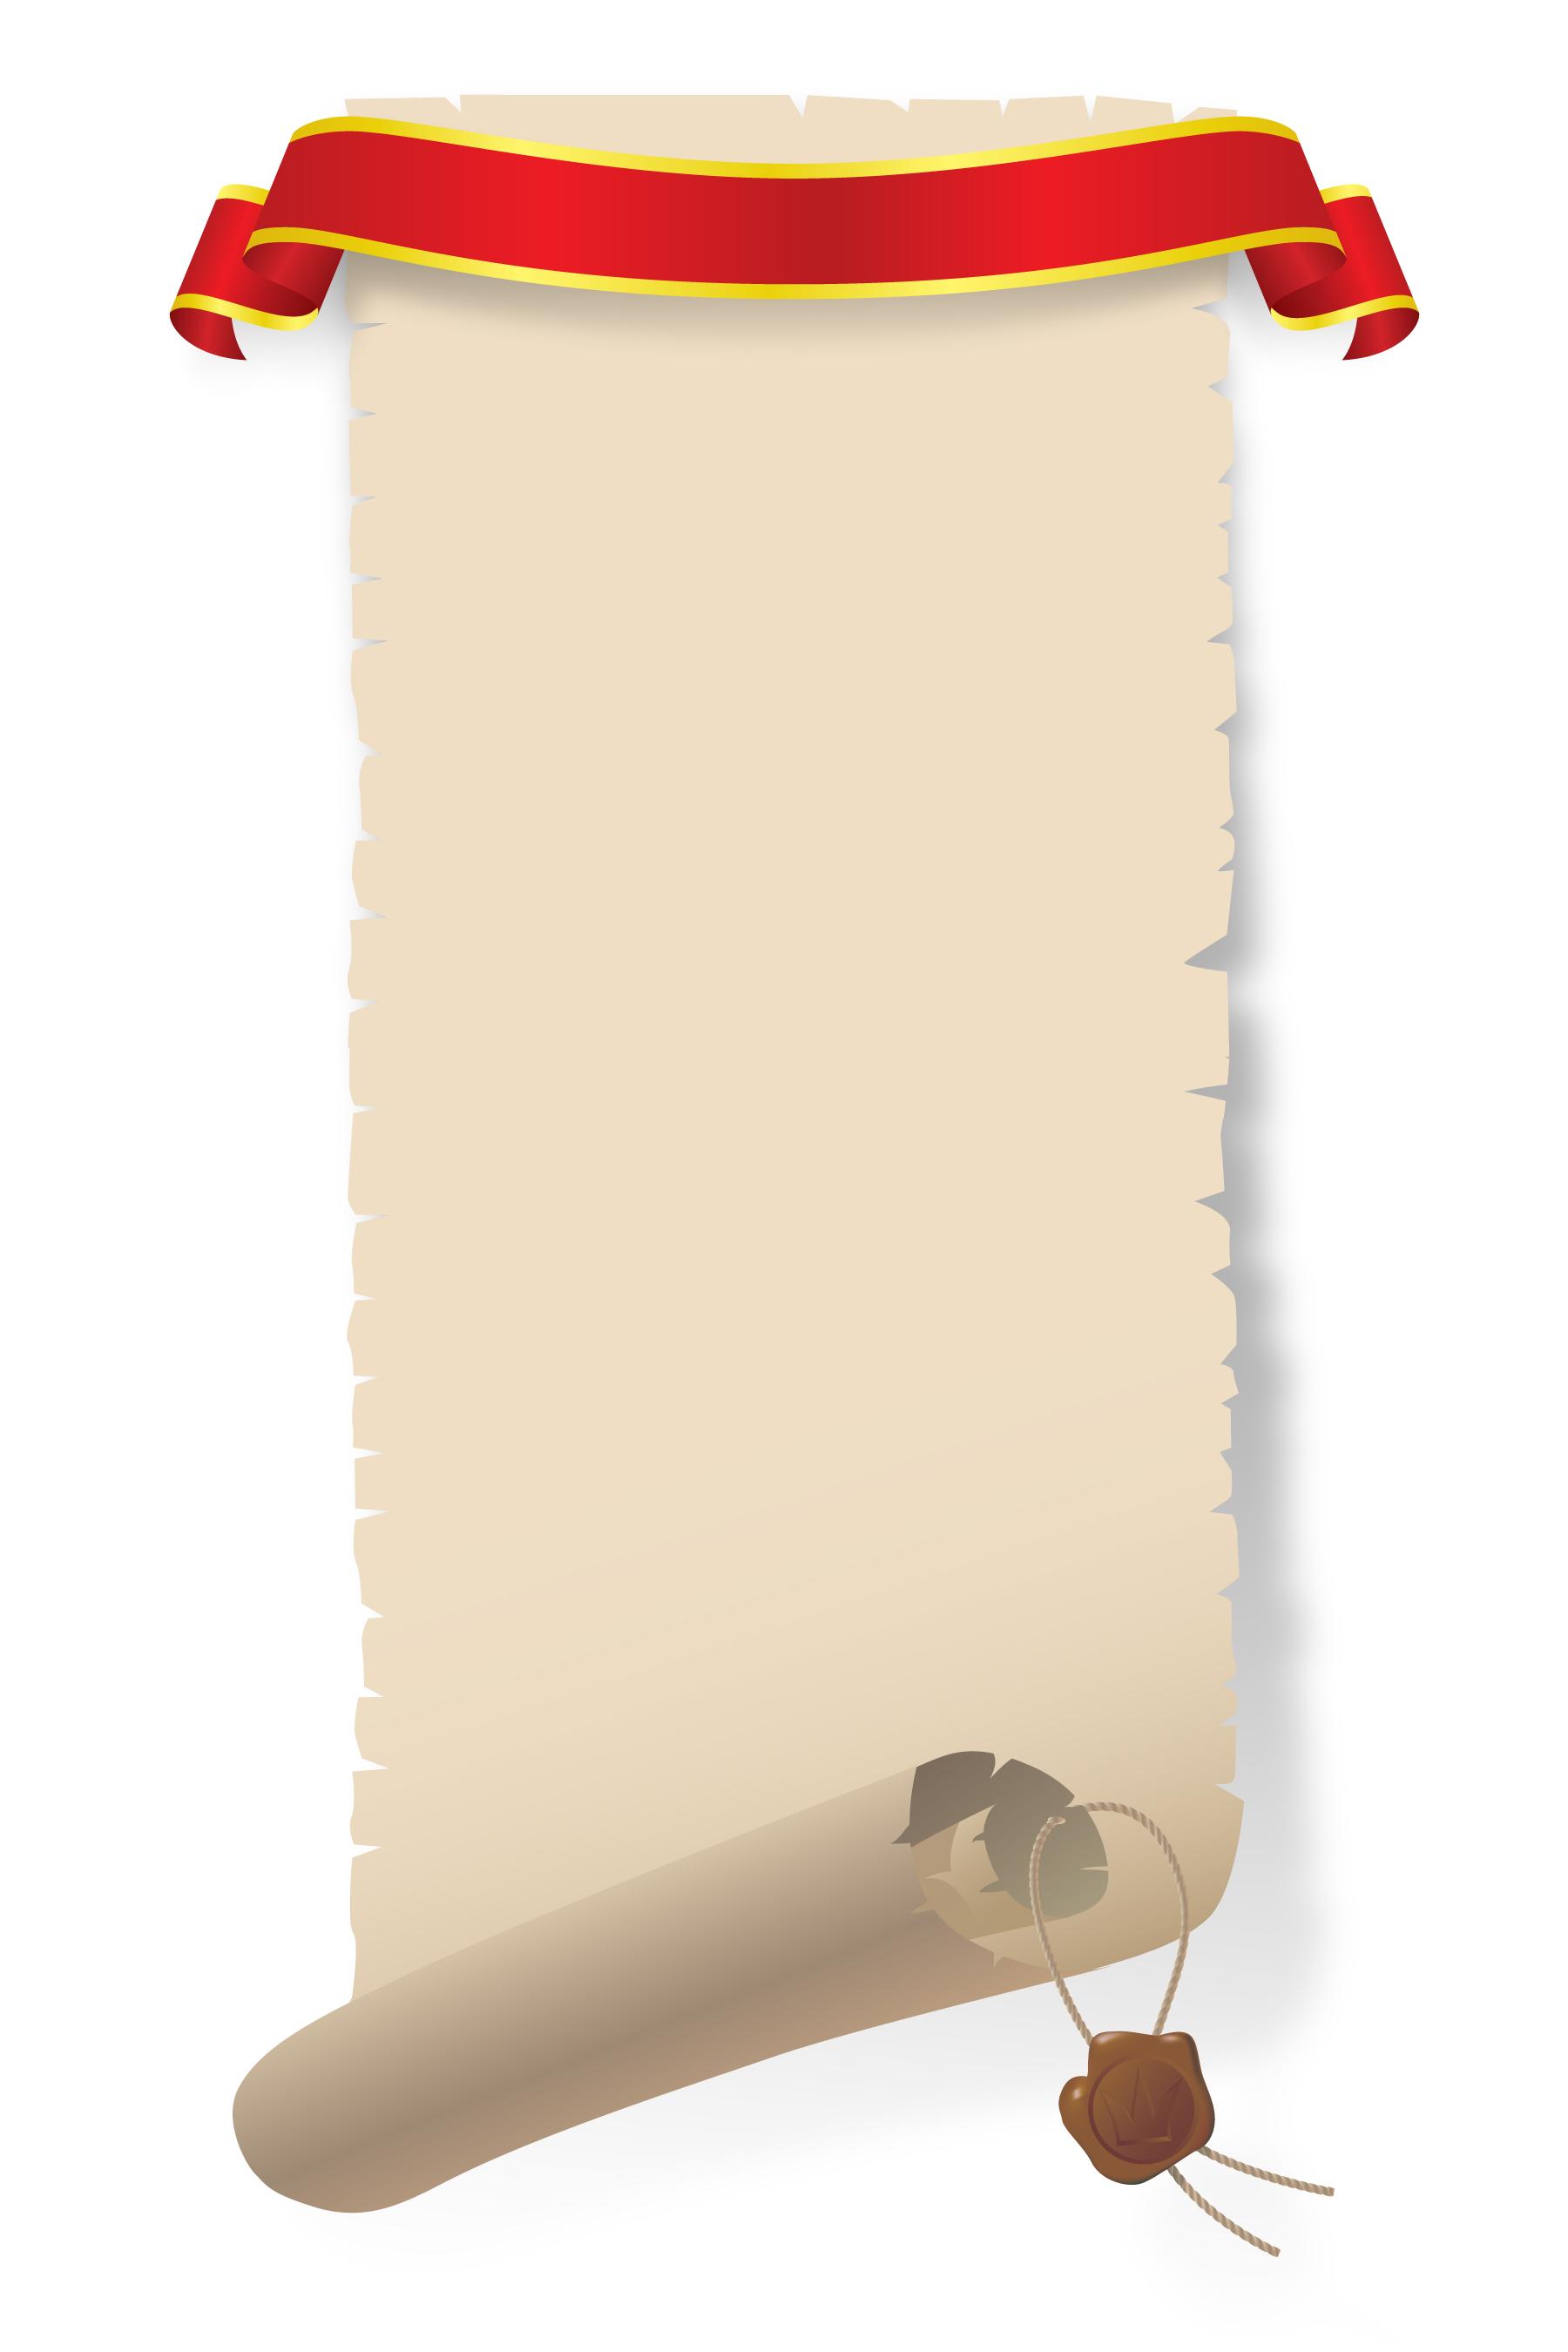 Tile Textures Текстуры бумага 187 Векторные клипарты